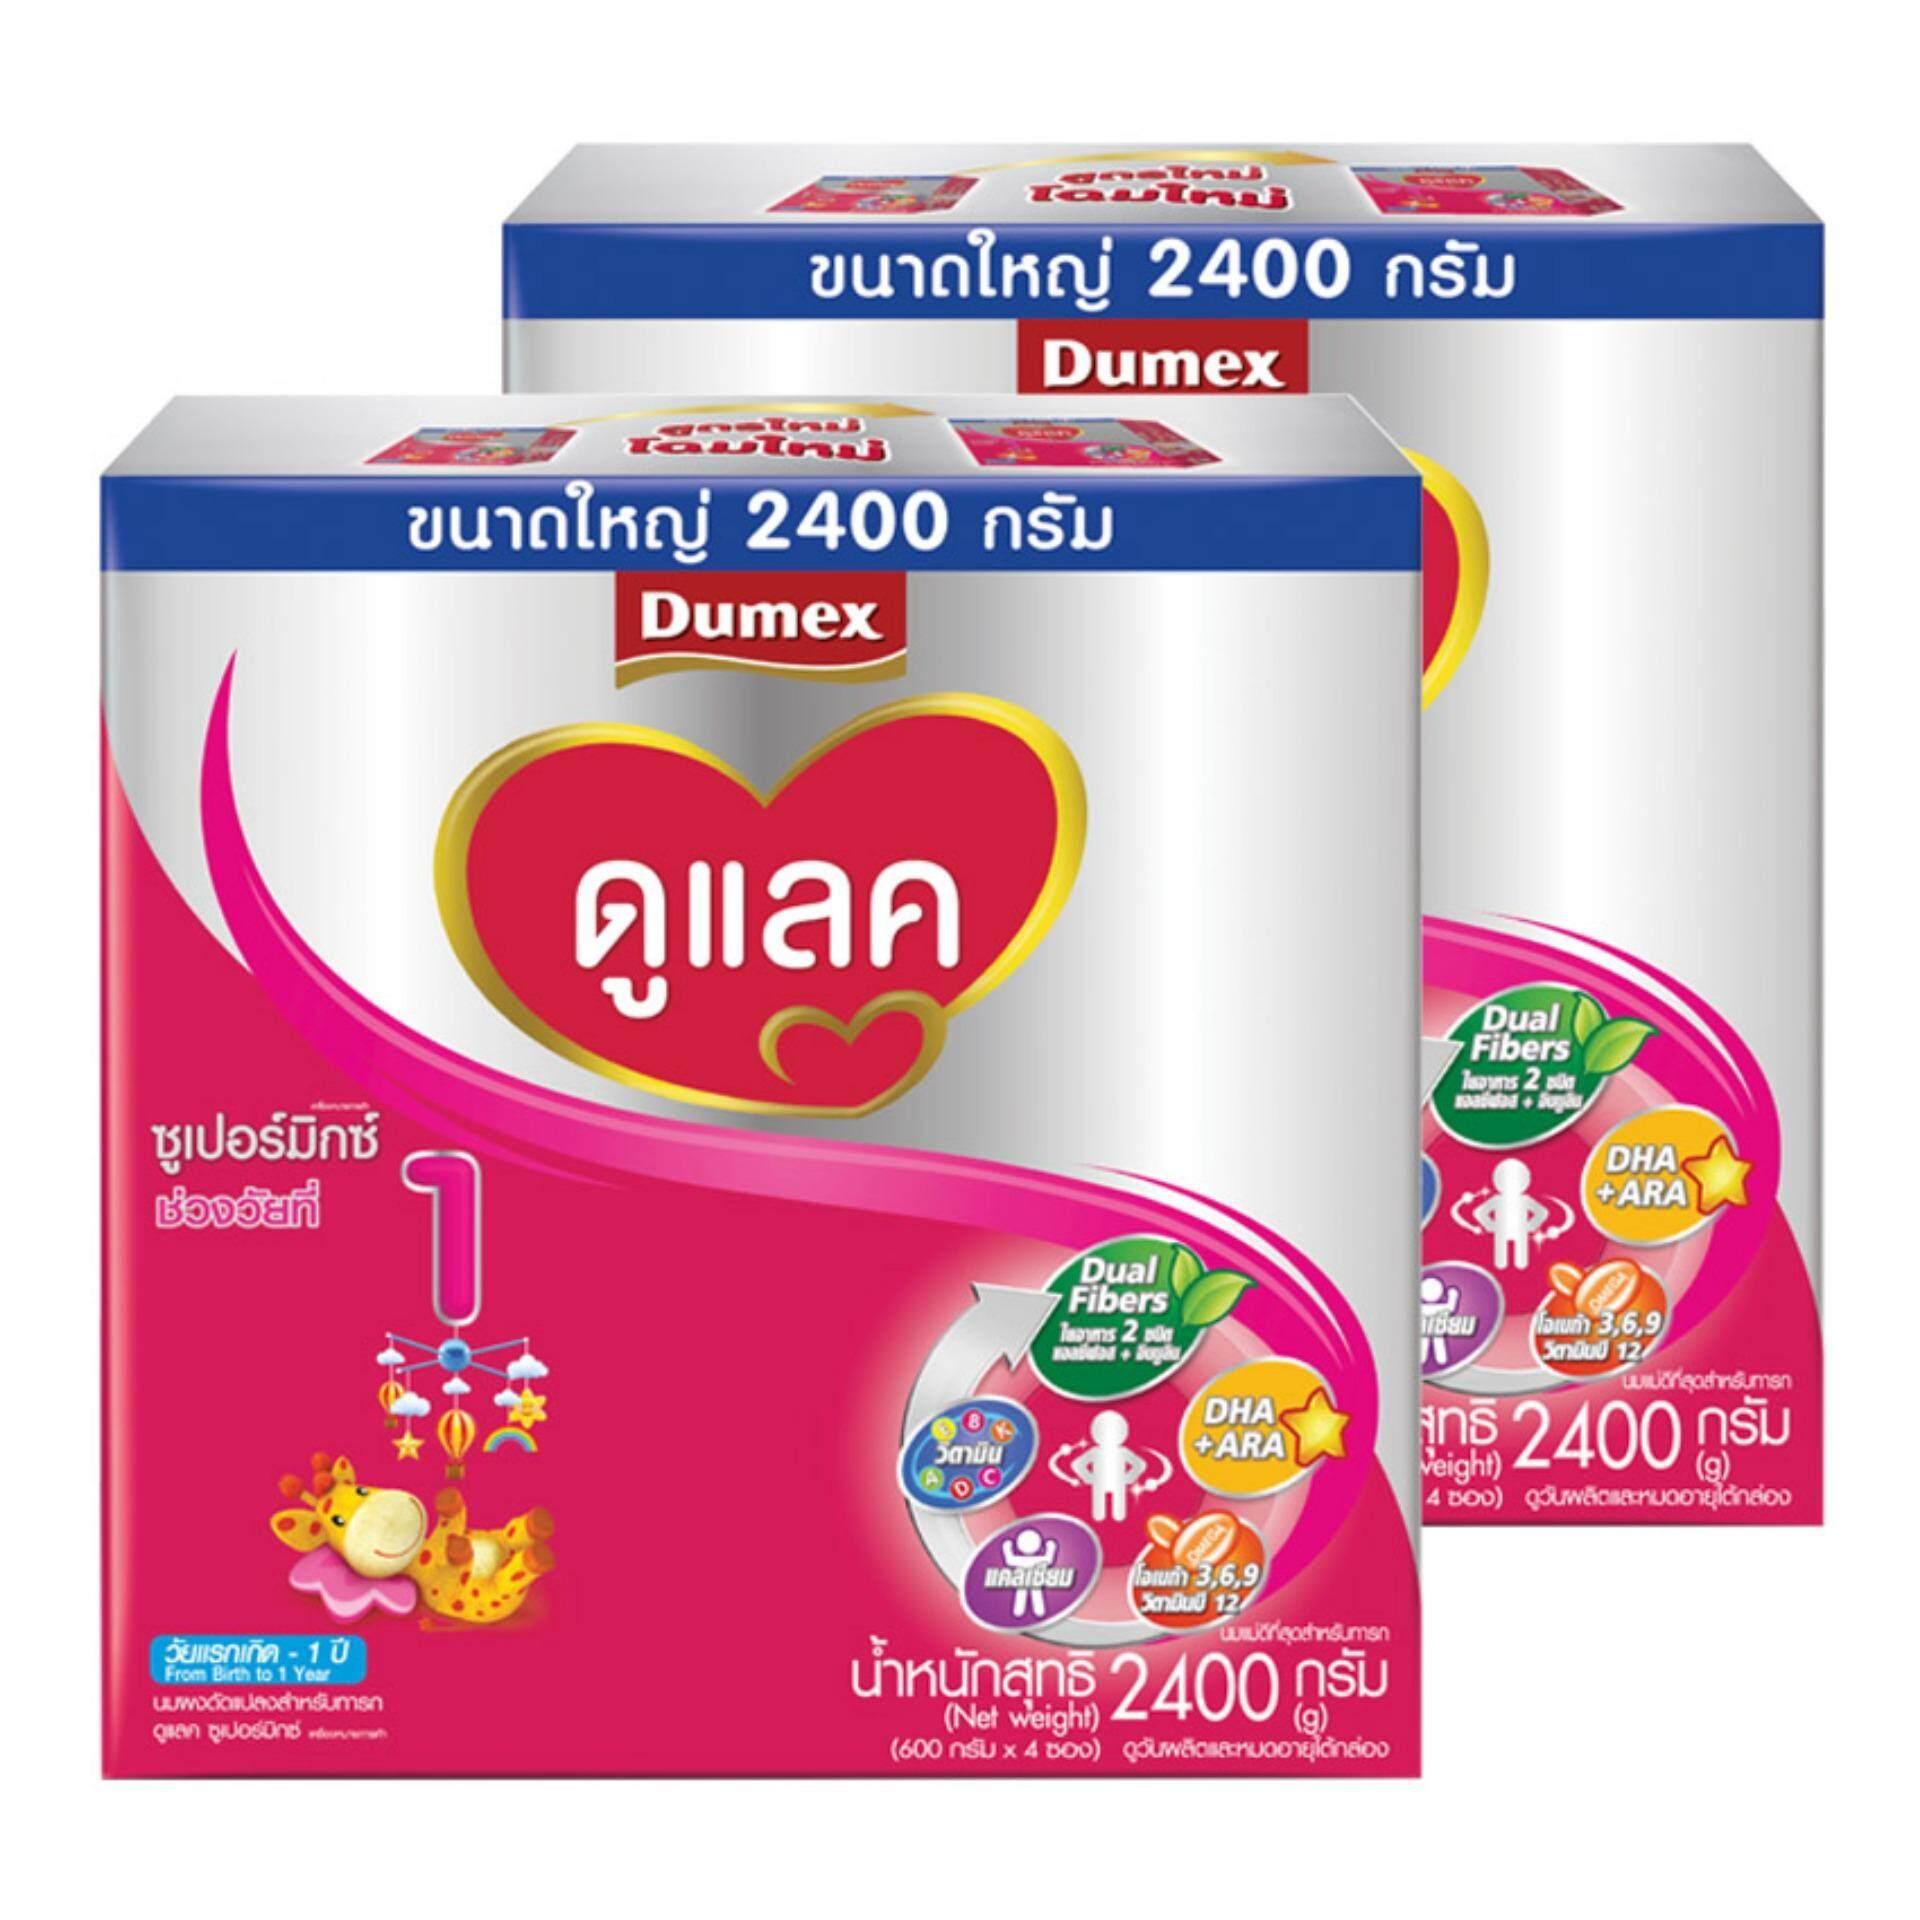 โปรโมชั่น DUMEX ดูเม็กซ์ นมผงสำหรับเด็ก ช่วงวัยที่ 1 ดูแลค ซูเปอร์มิกซ์ 2400 กรัม (แพ็ค 2 กล่อง)